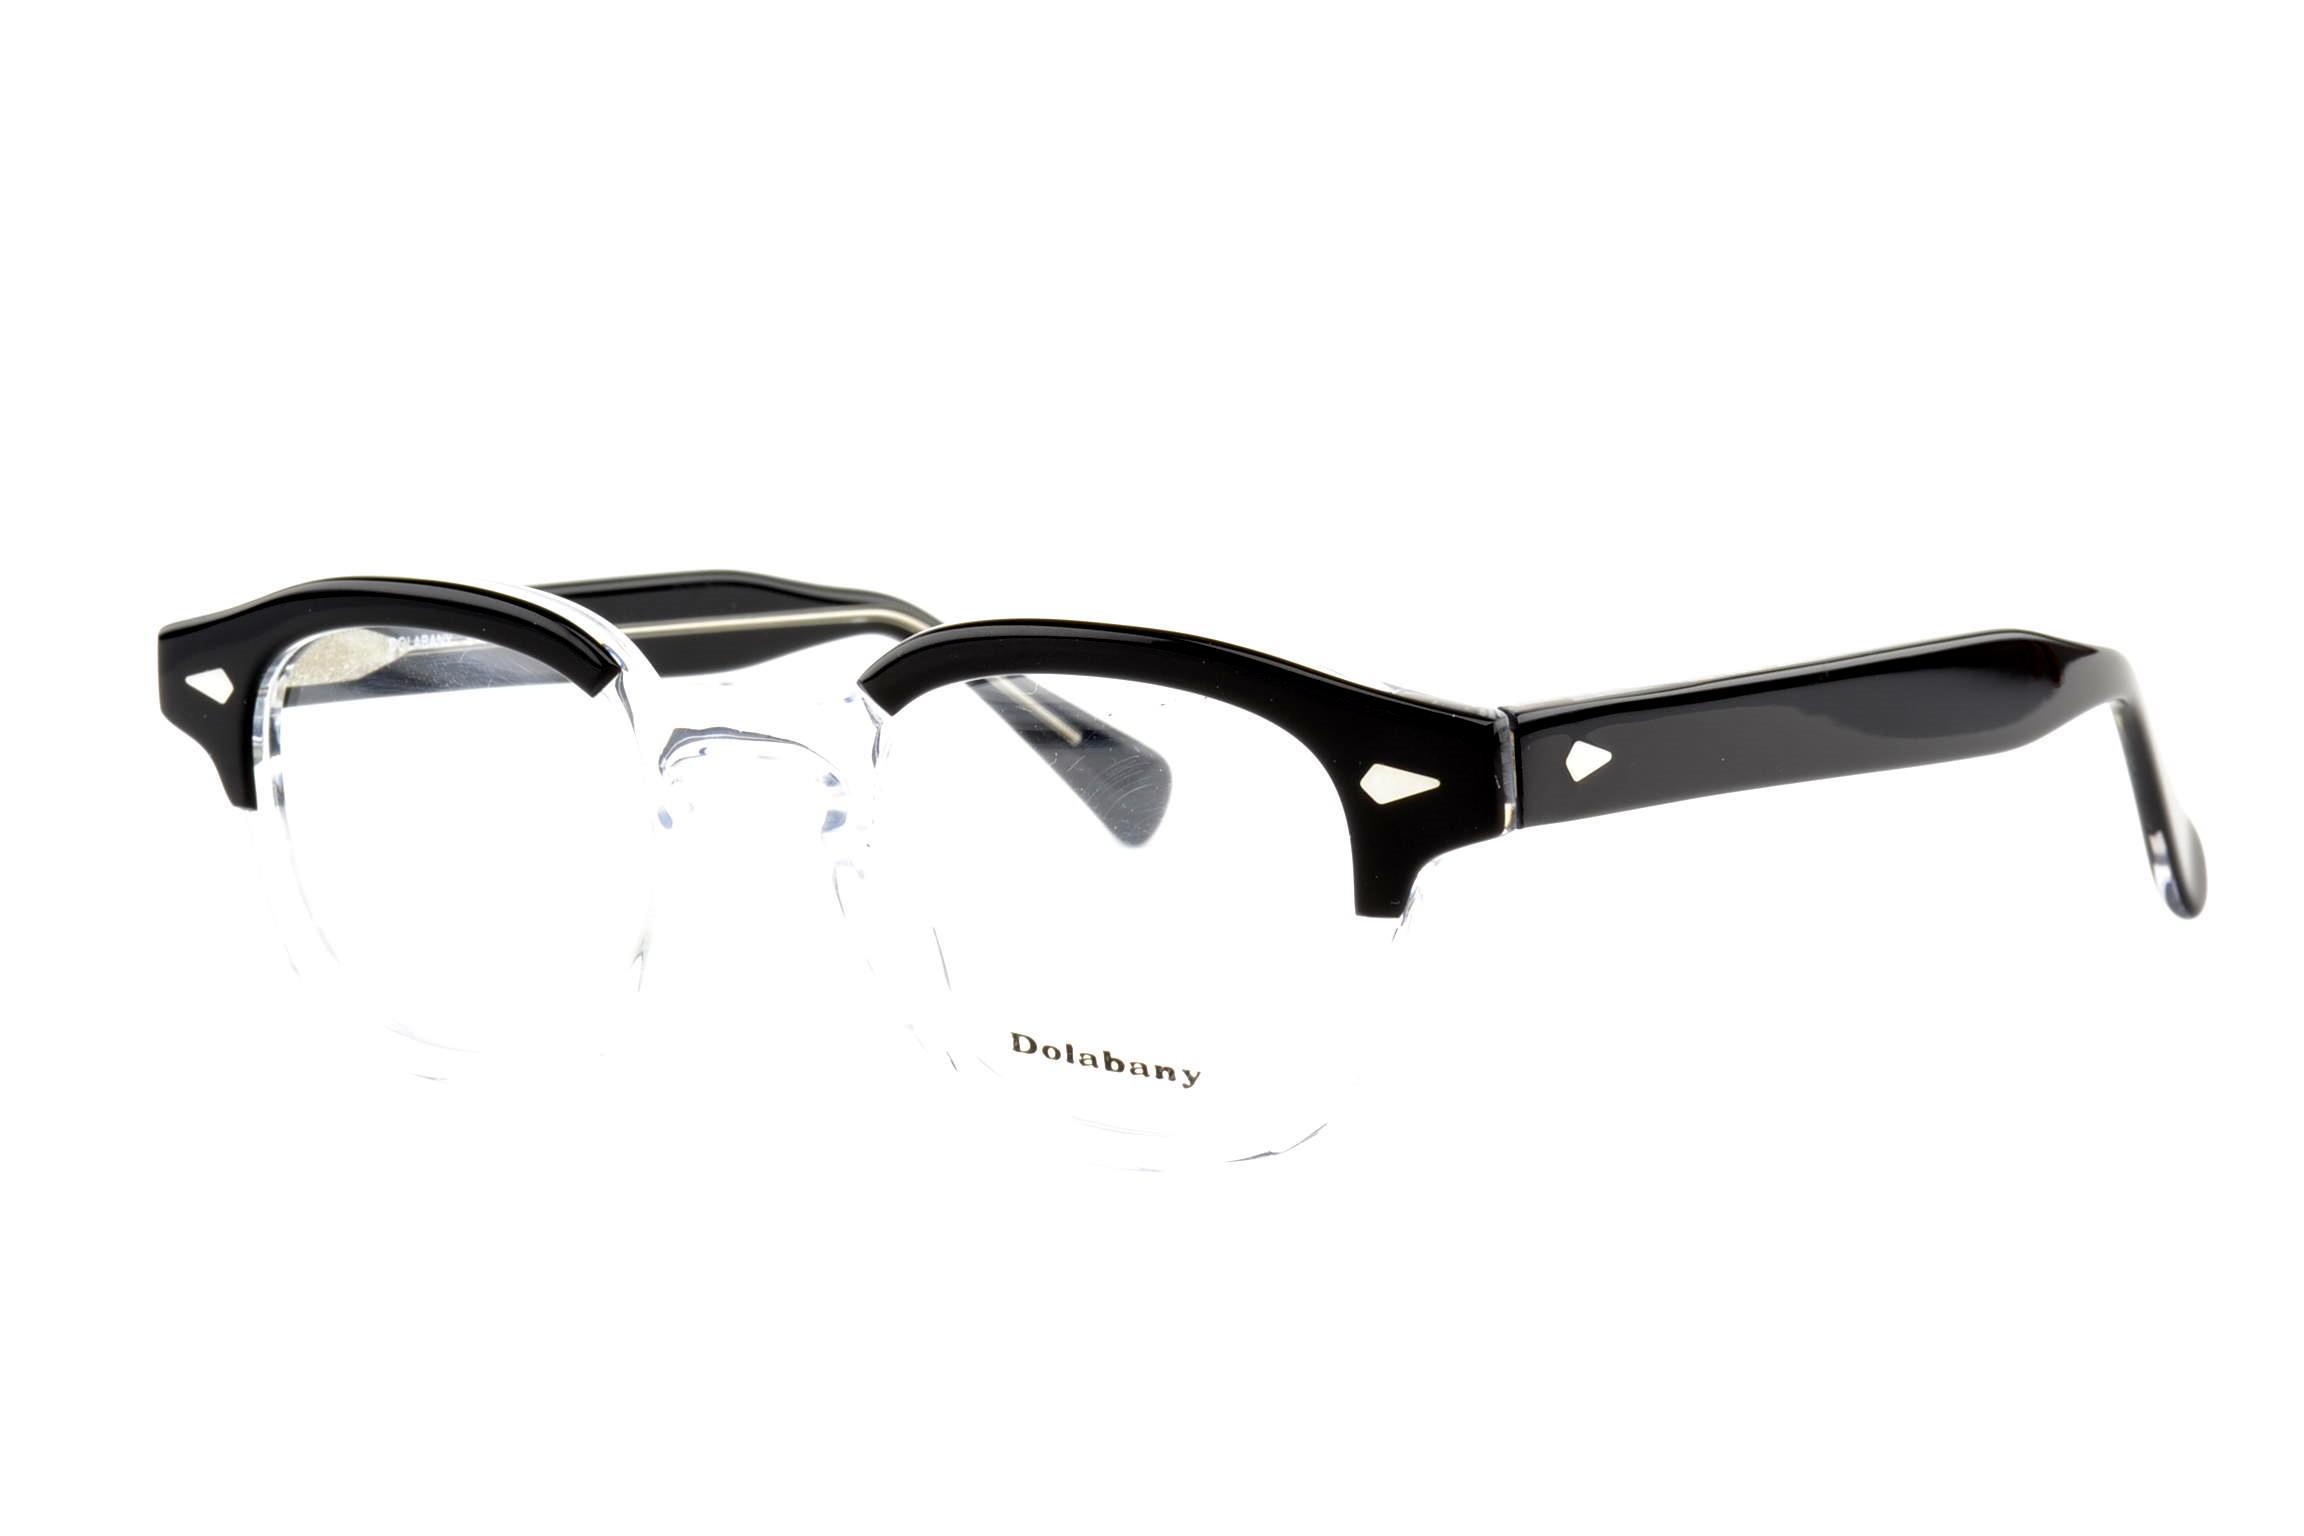 231a5bdee82 Dolabany Eyewear Collection - The ArnoldDolabany Arnold Black Crystal Best  Image Optical